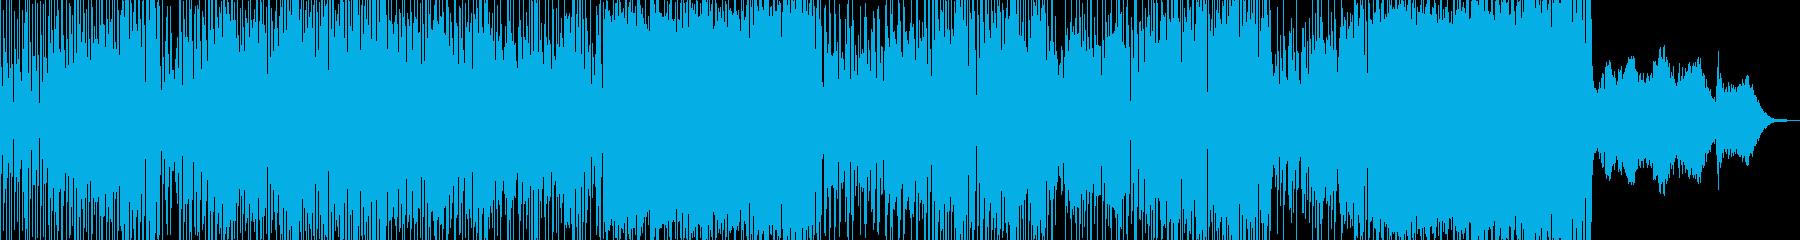 ドタバタコメディ・アニメ調ポップ 長尺+の再生済みの波形